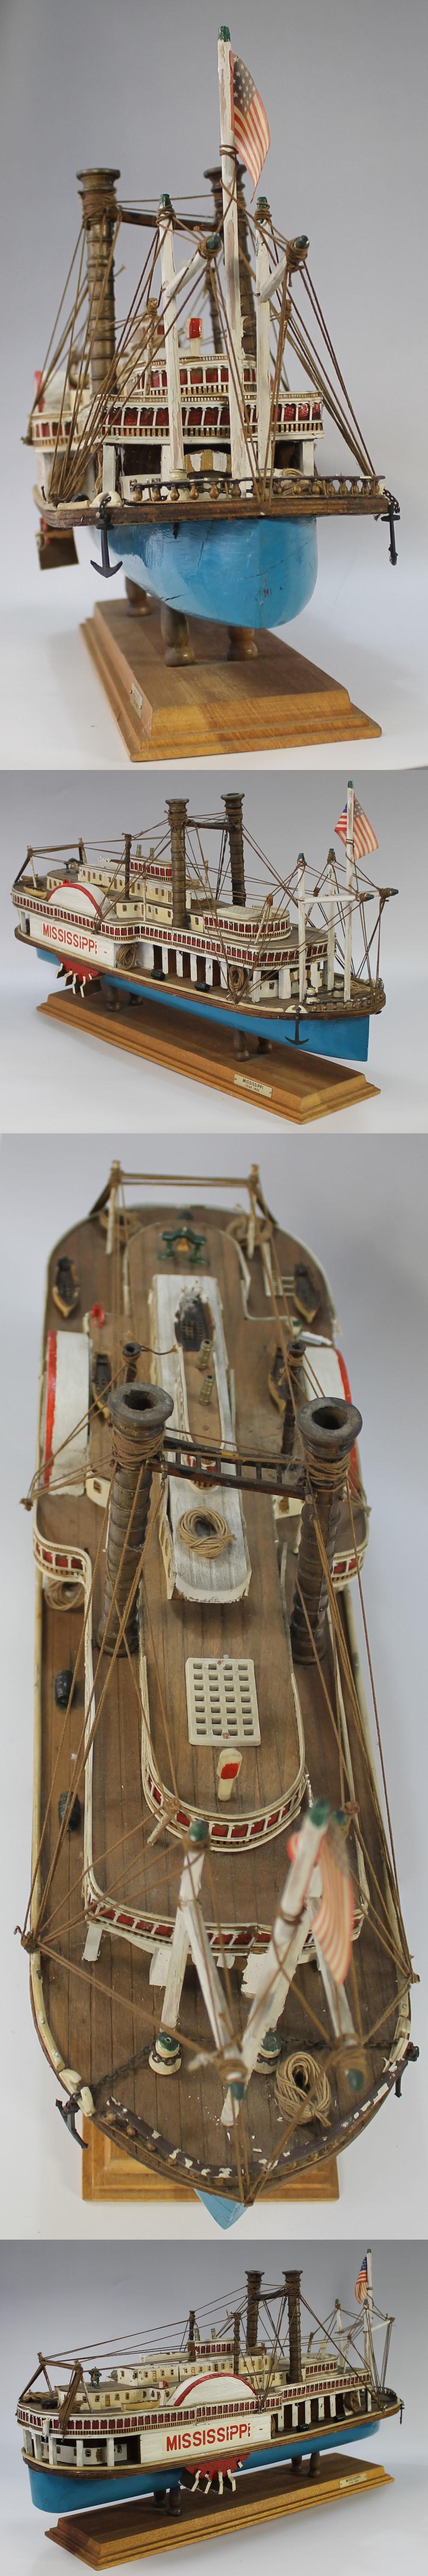 054蒸気船模型5